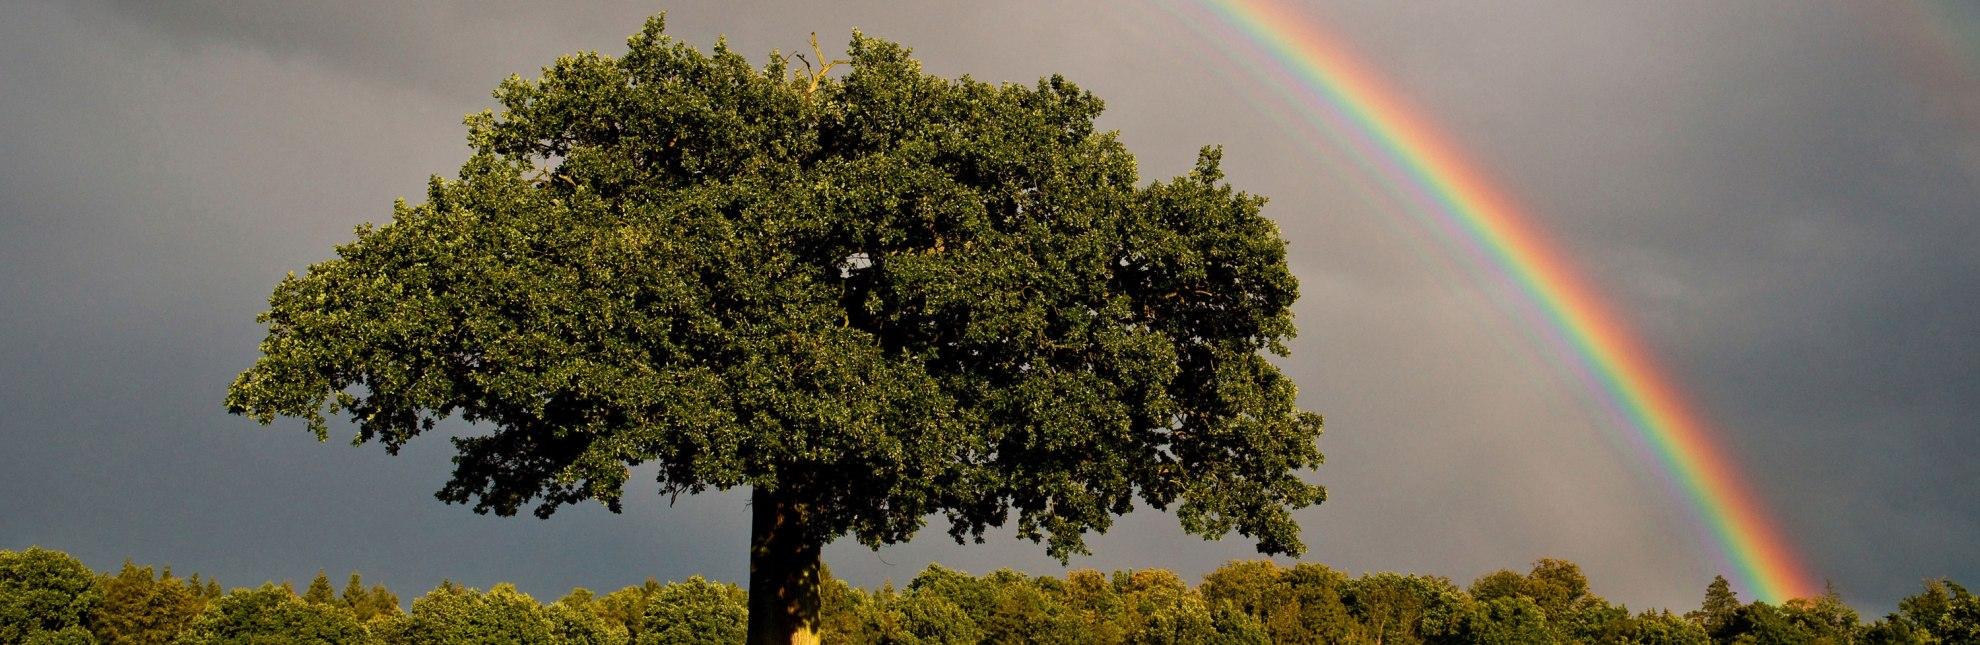 Herbstlicher Lichtzauber im ländlichen Herzogtum Lauenburg, © Thomas Ebelt / HLMS GmbH